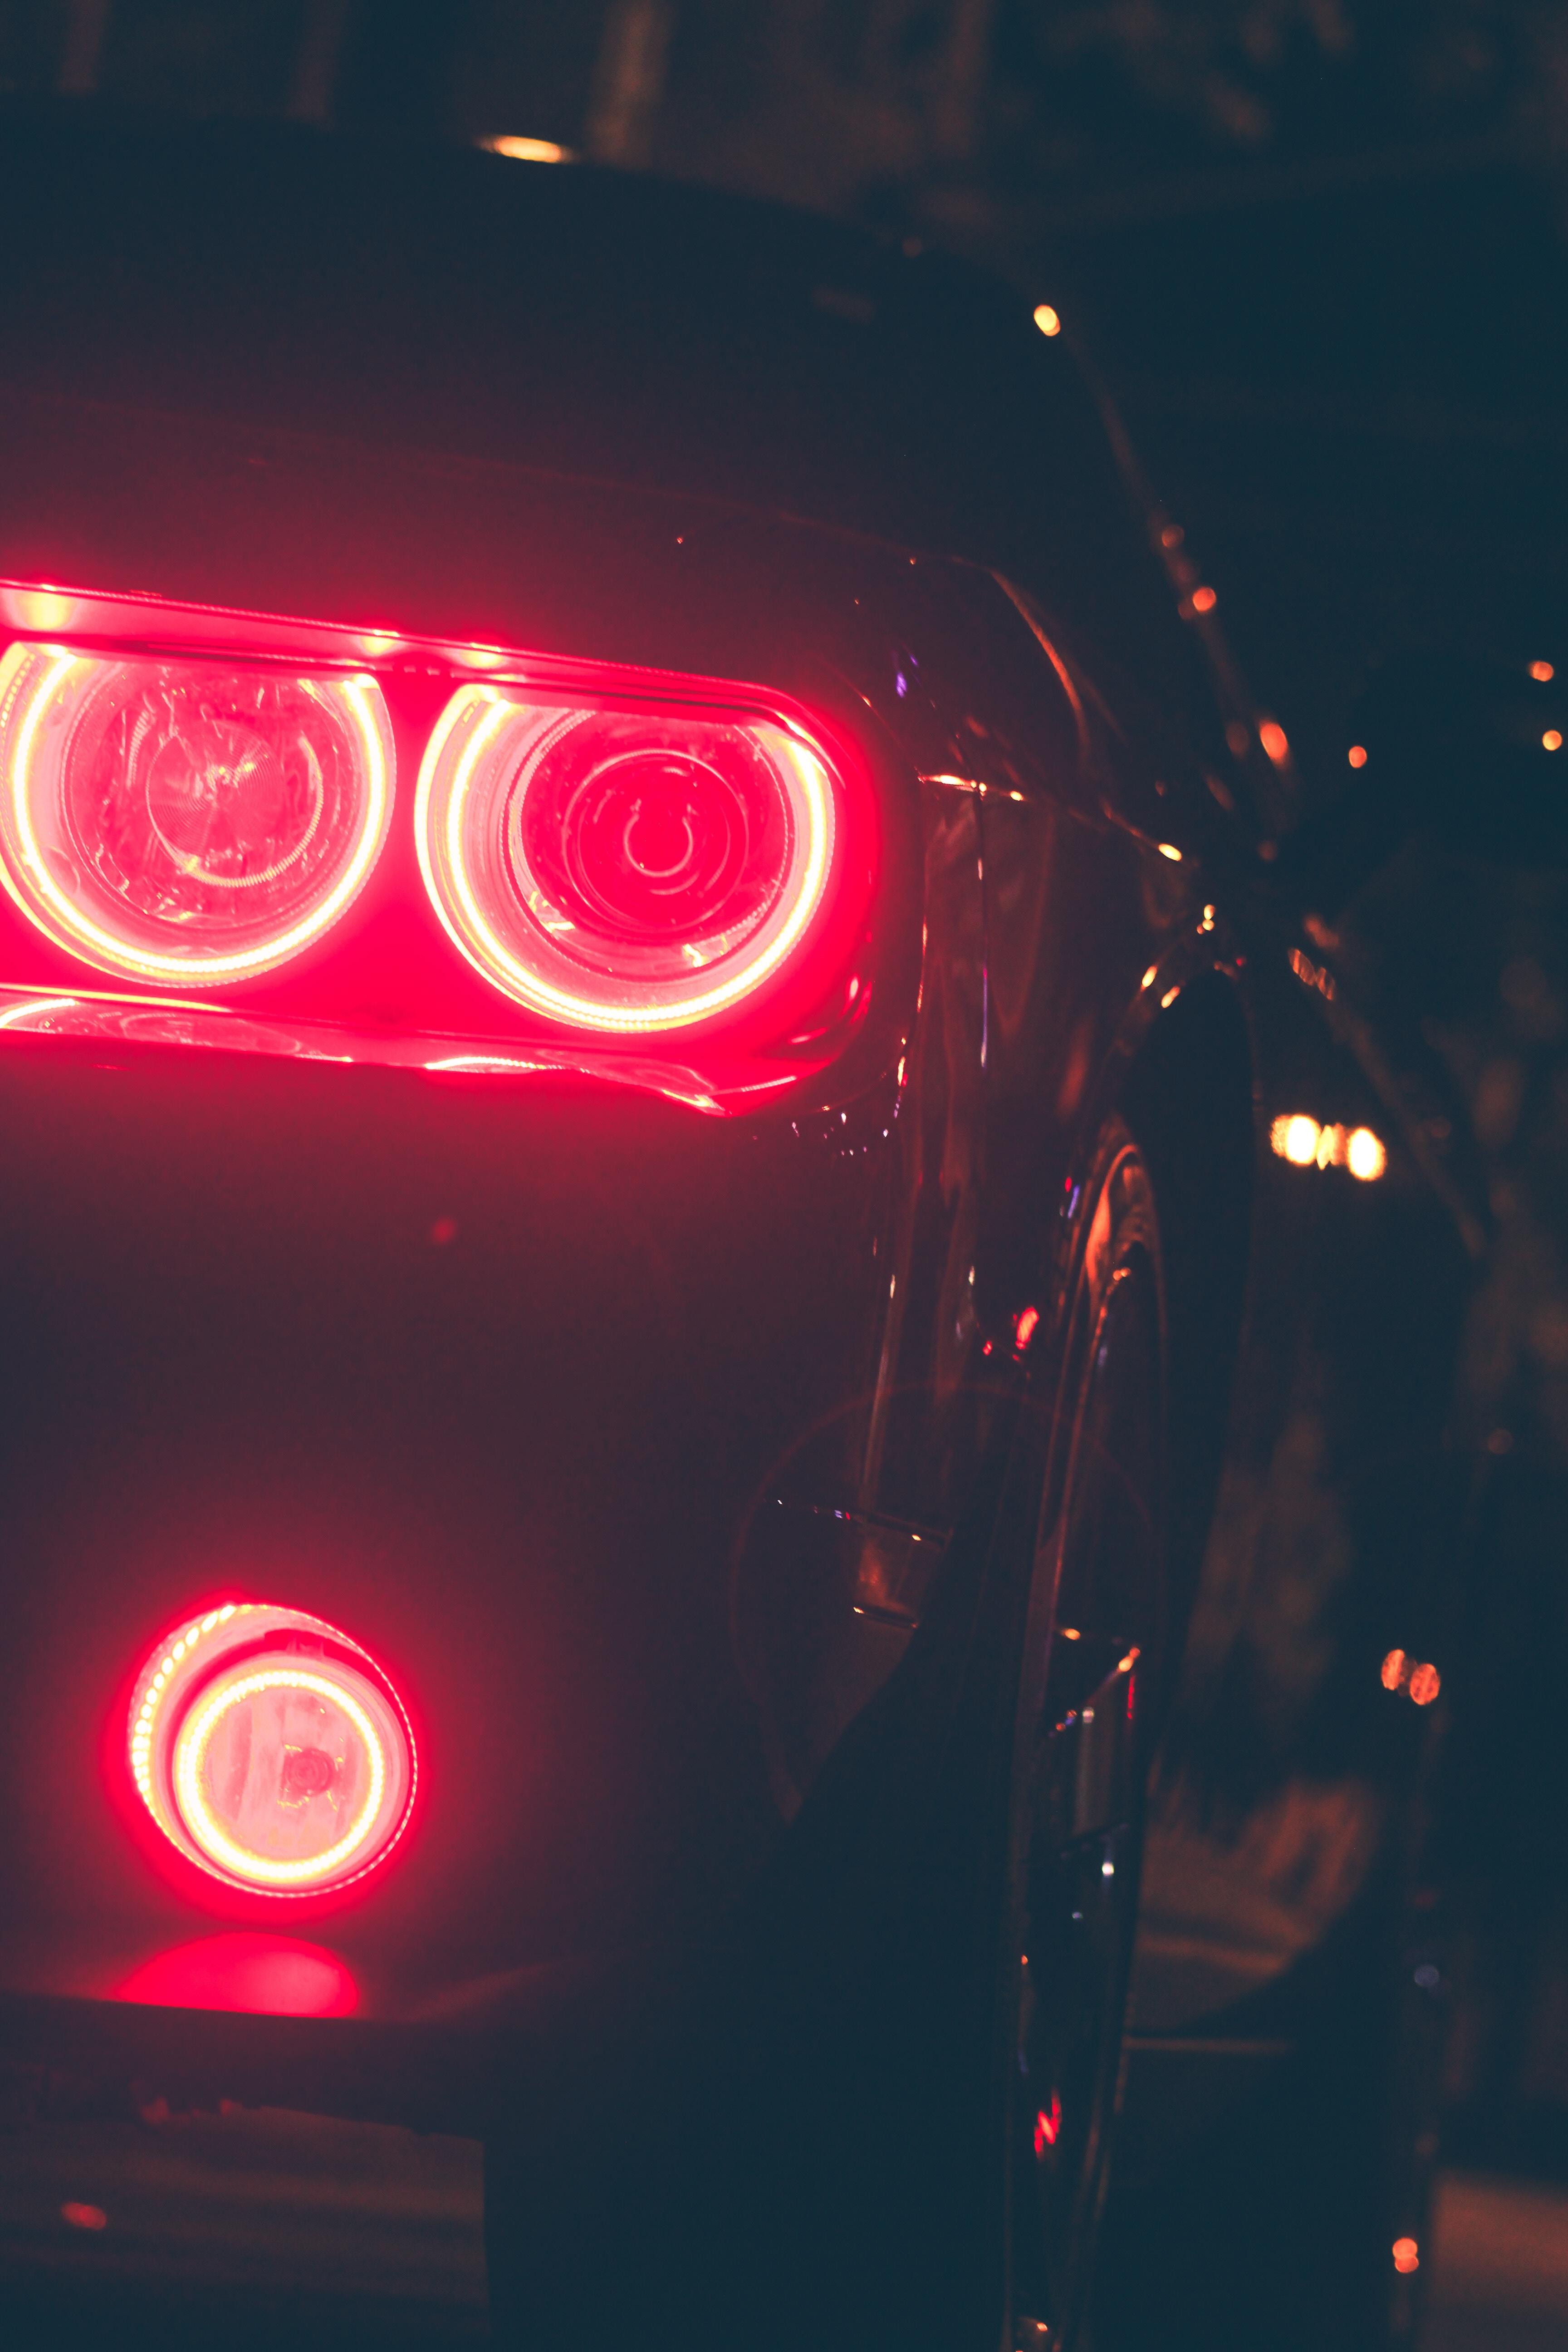 96155 скачать обои Тачки (Cars), Фары, Машины, Темный - заставки и картинки бесплатно